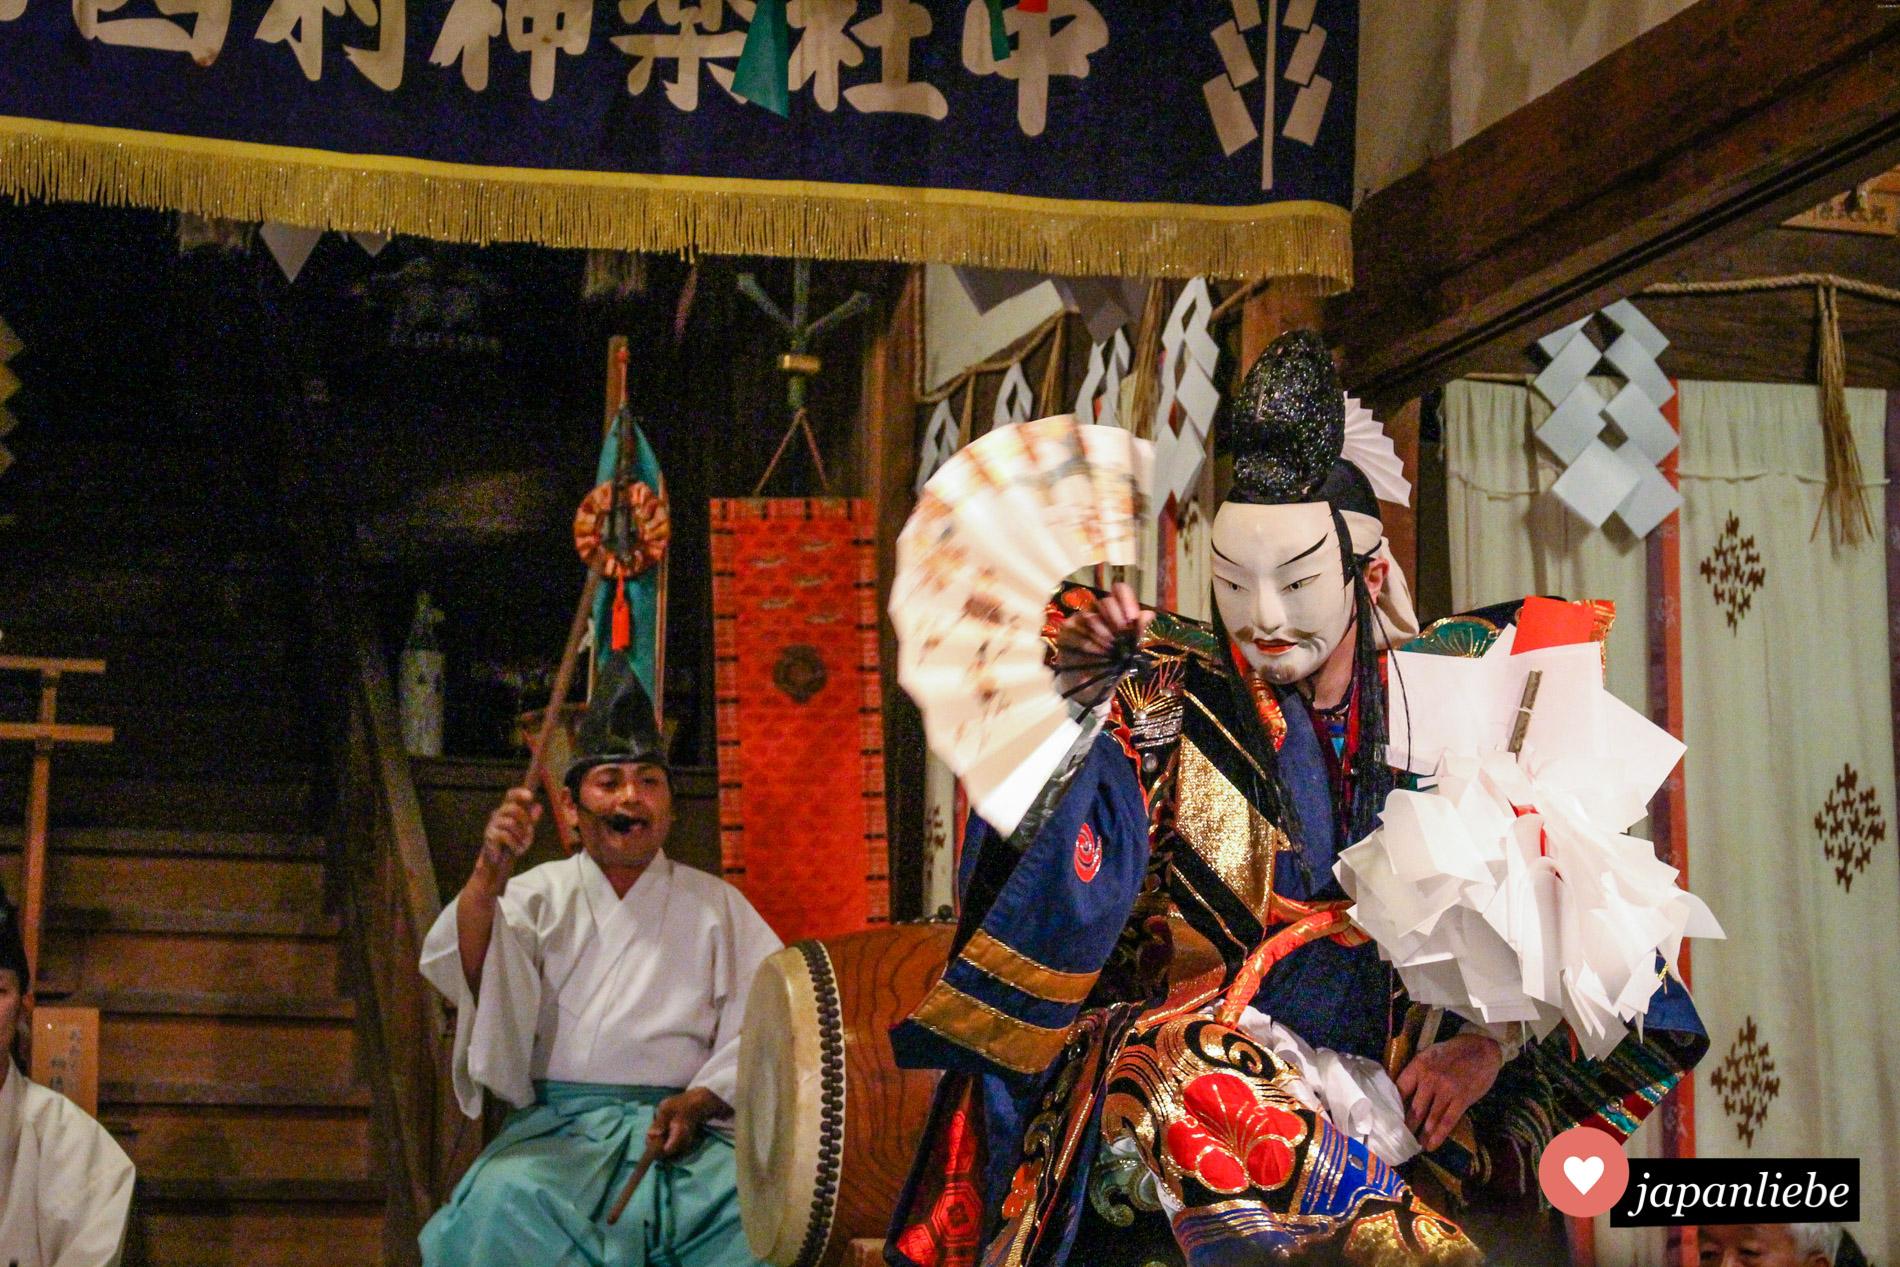 Zwei Stücke wurden bei meinem Besuch in Yunotsu Onsen aufgeführt. Der Musiker an der Trommel gibt den treibenden Rhythmus vor, der das ganze Publikum mitreißt.